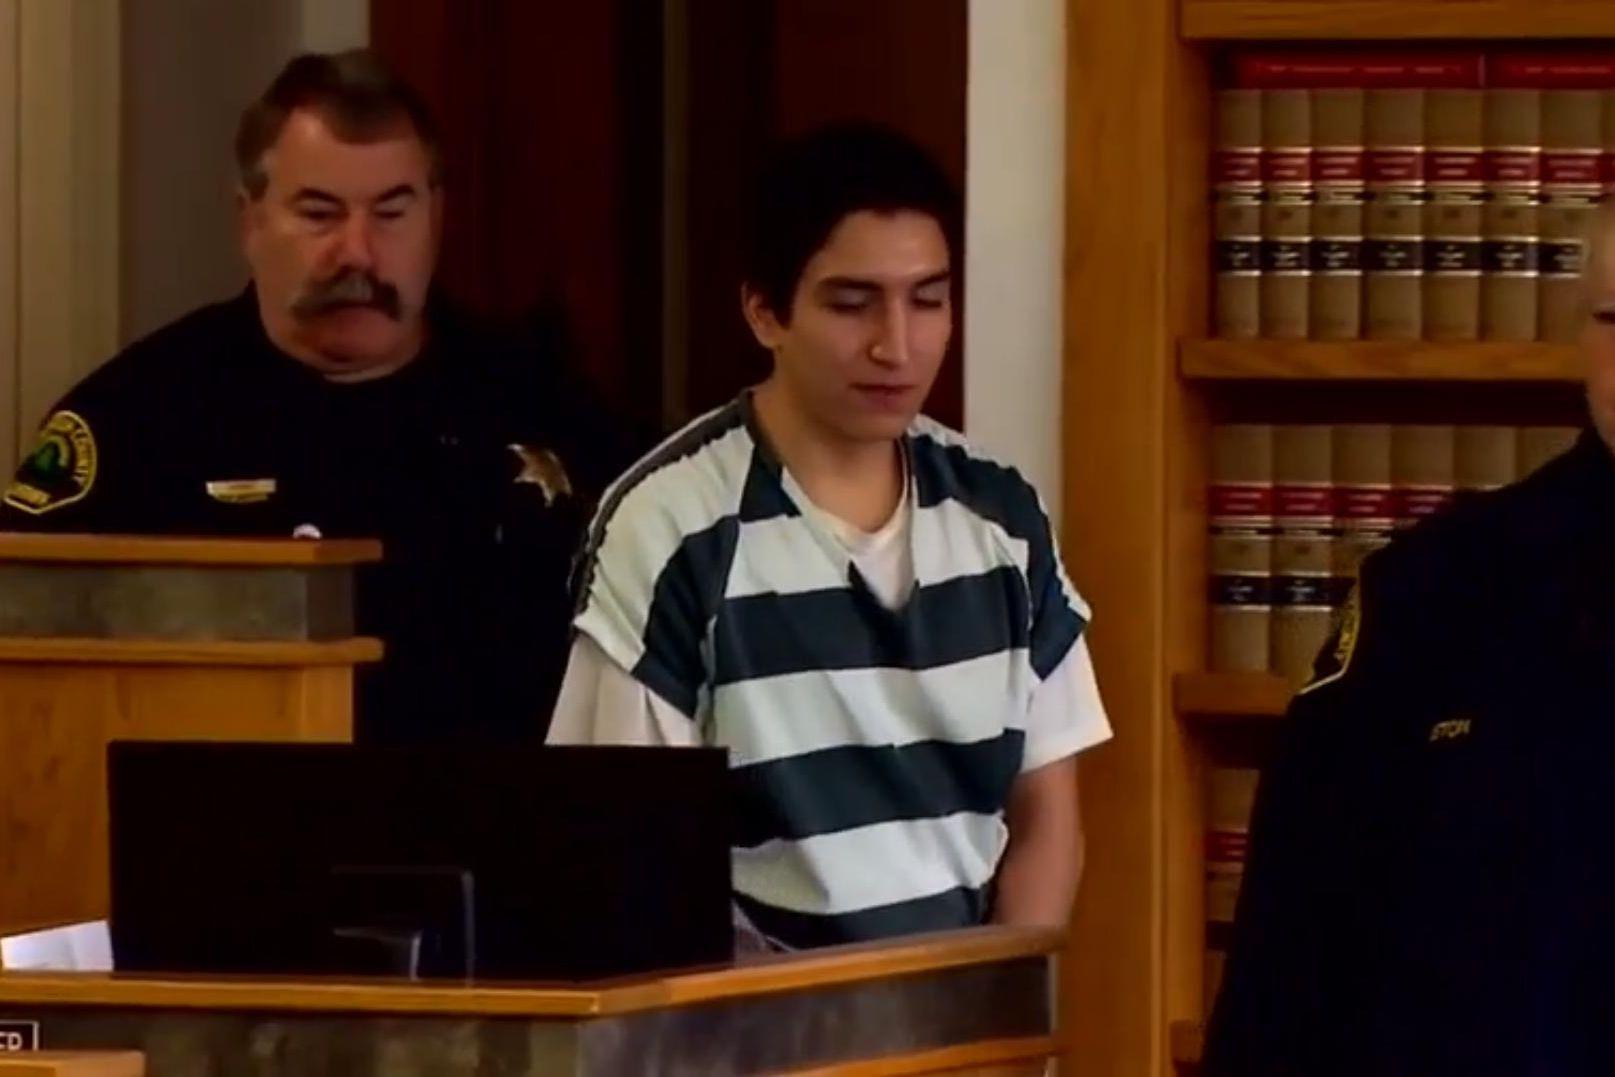 Violou jovem às portas da morte e 'apanhou' menos de três anos de prisão